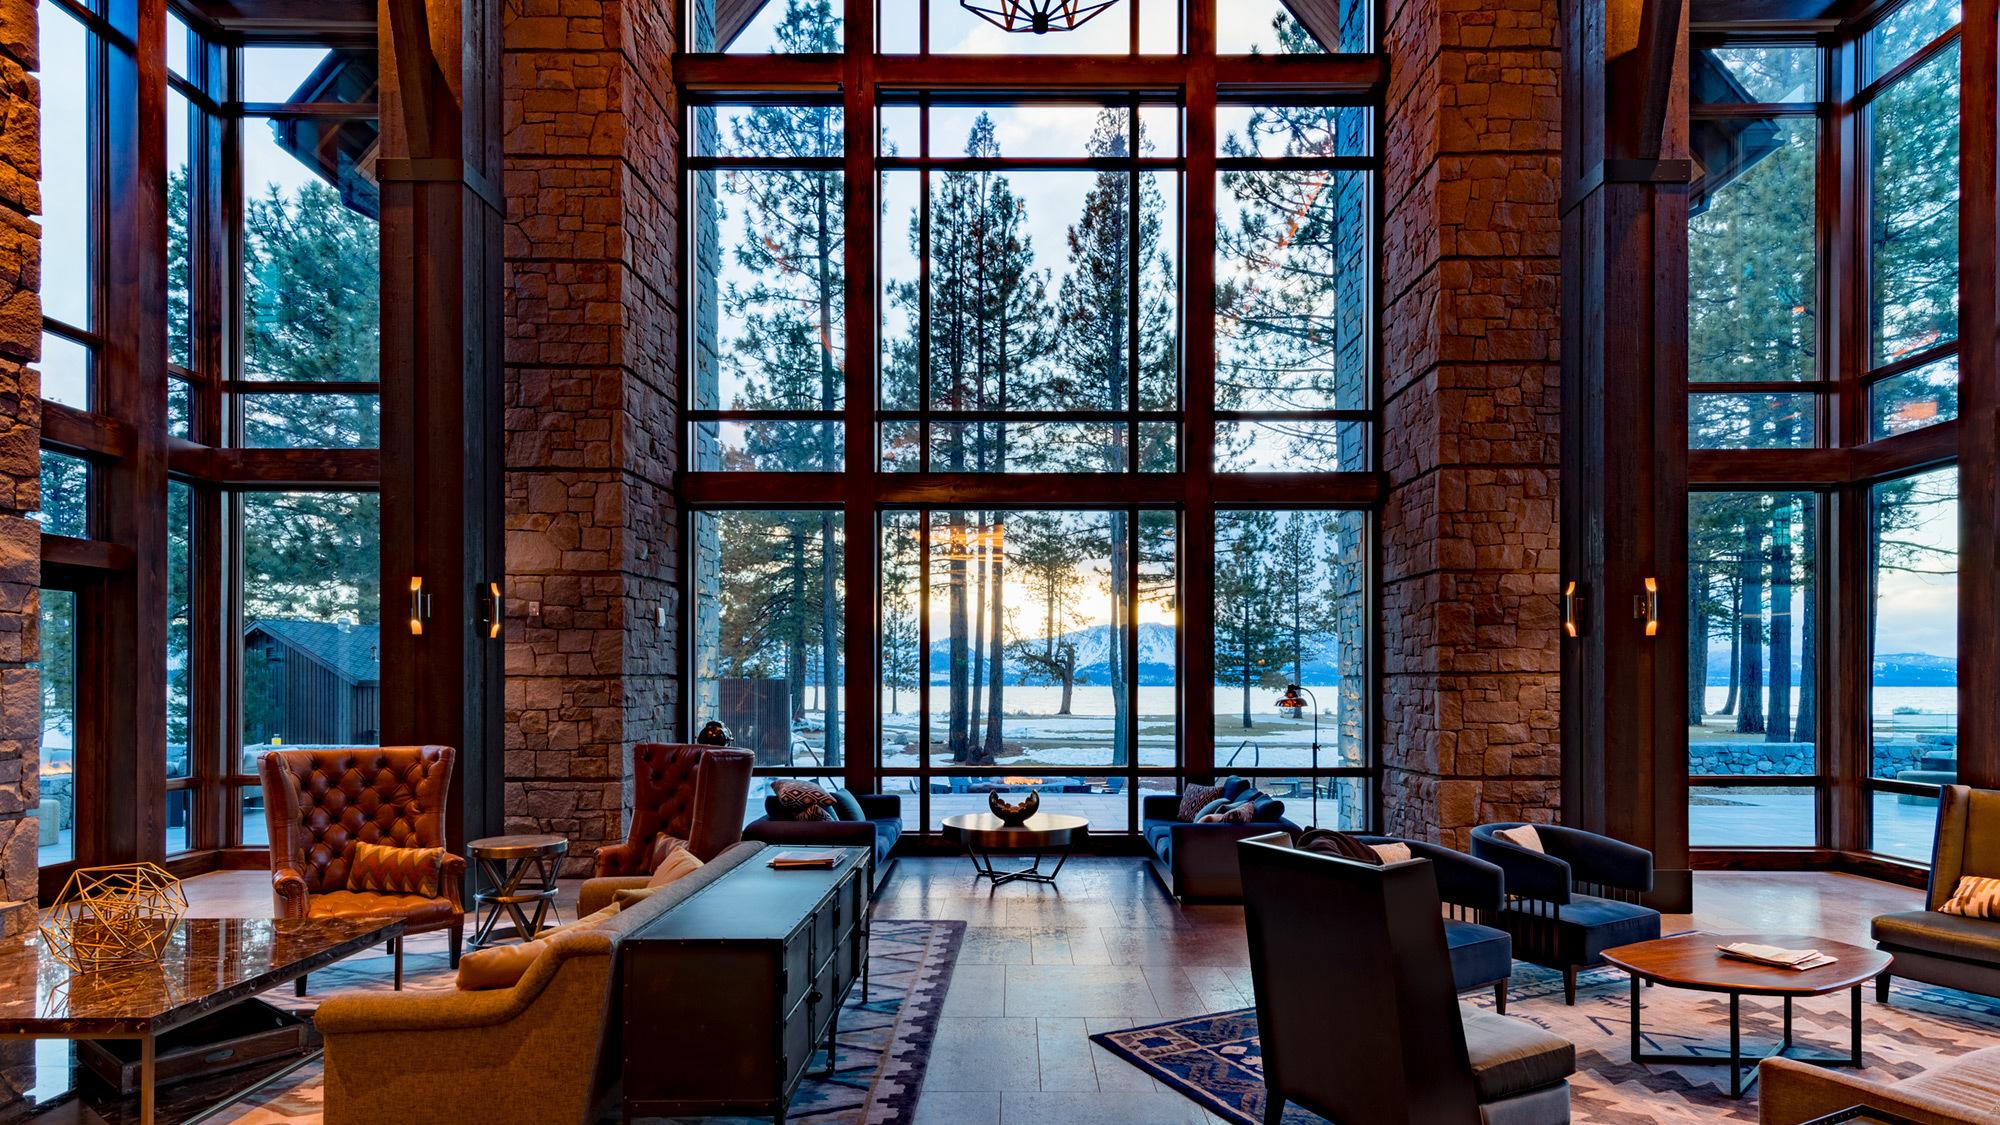 Edgewood Lodge Great Room Dusk